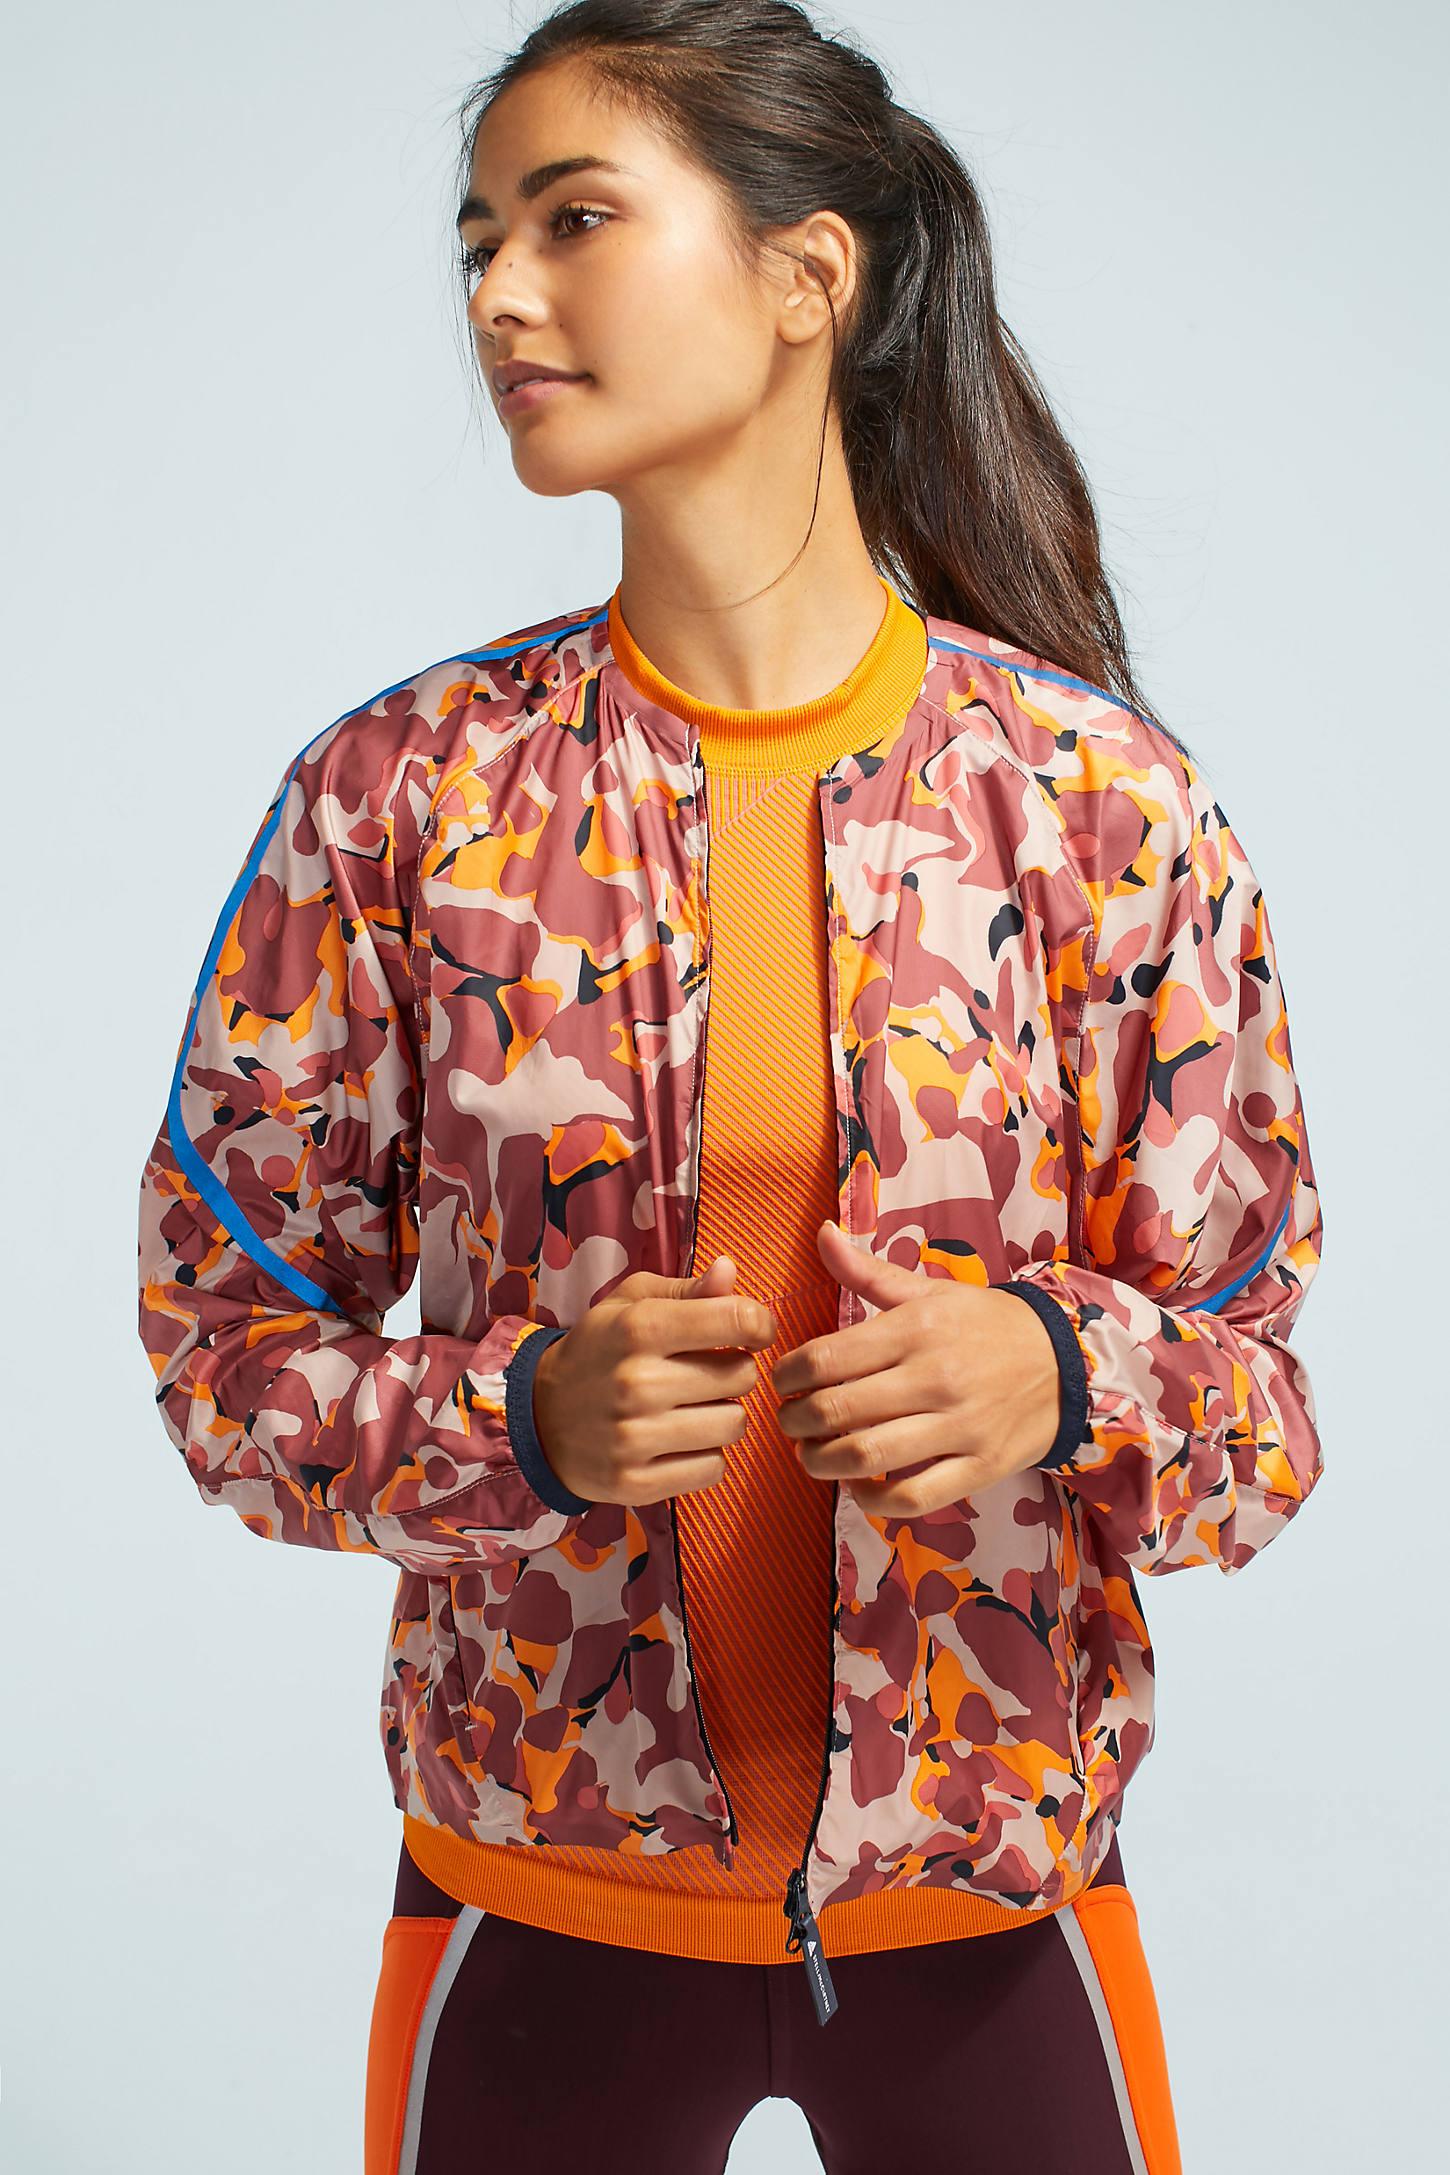 Adidas by Stella McCartney Run Jacket